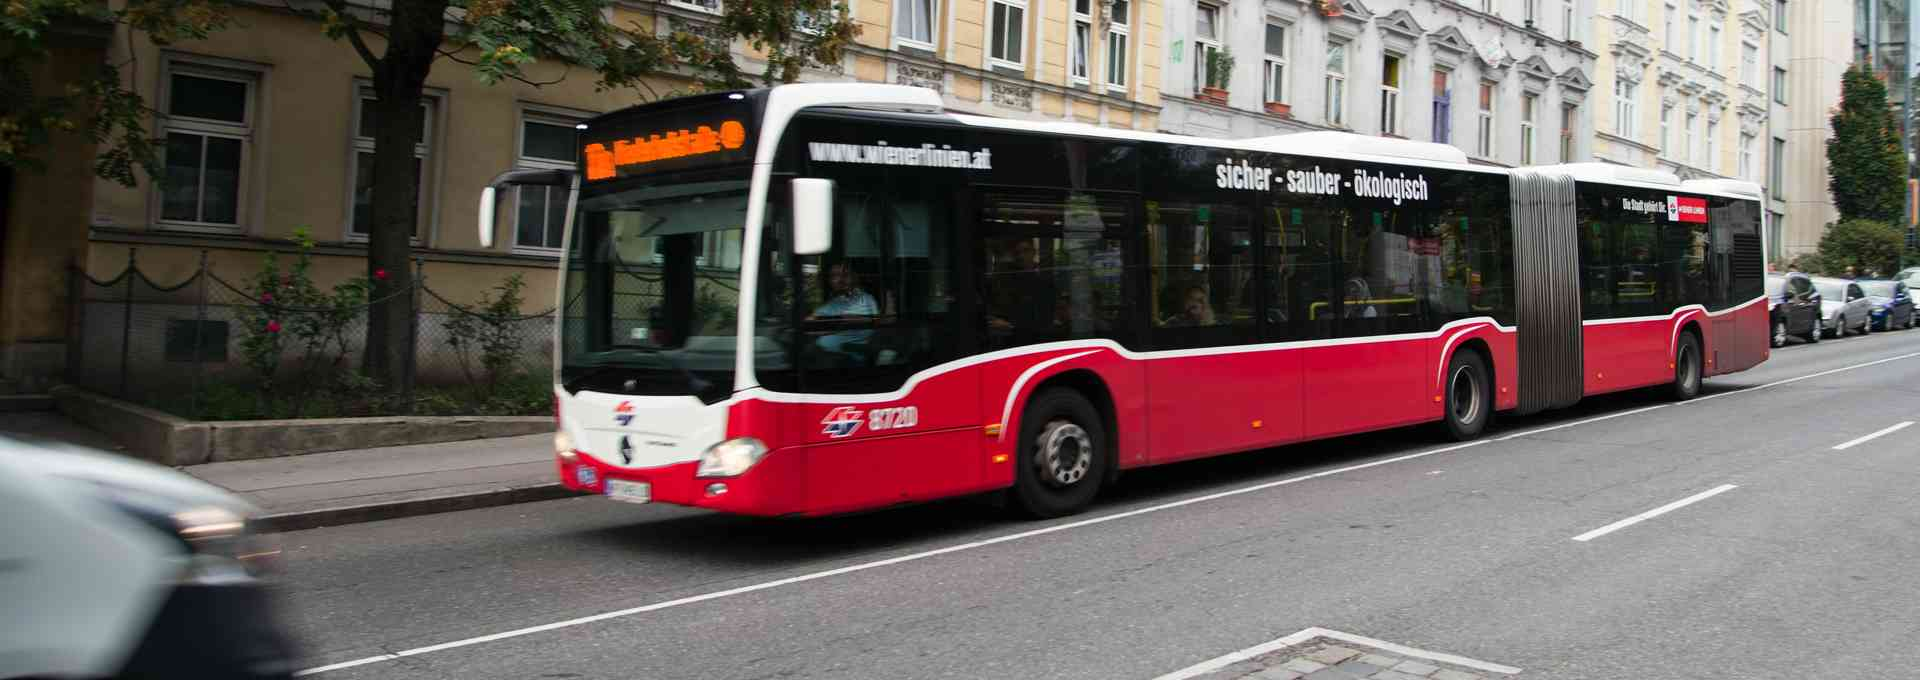 Die extremsten Buslinien Wiens